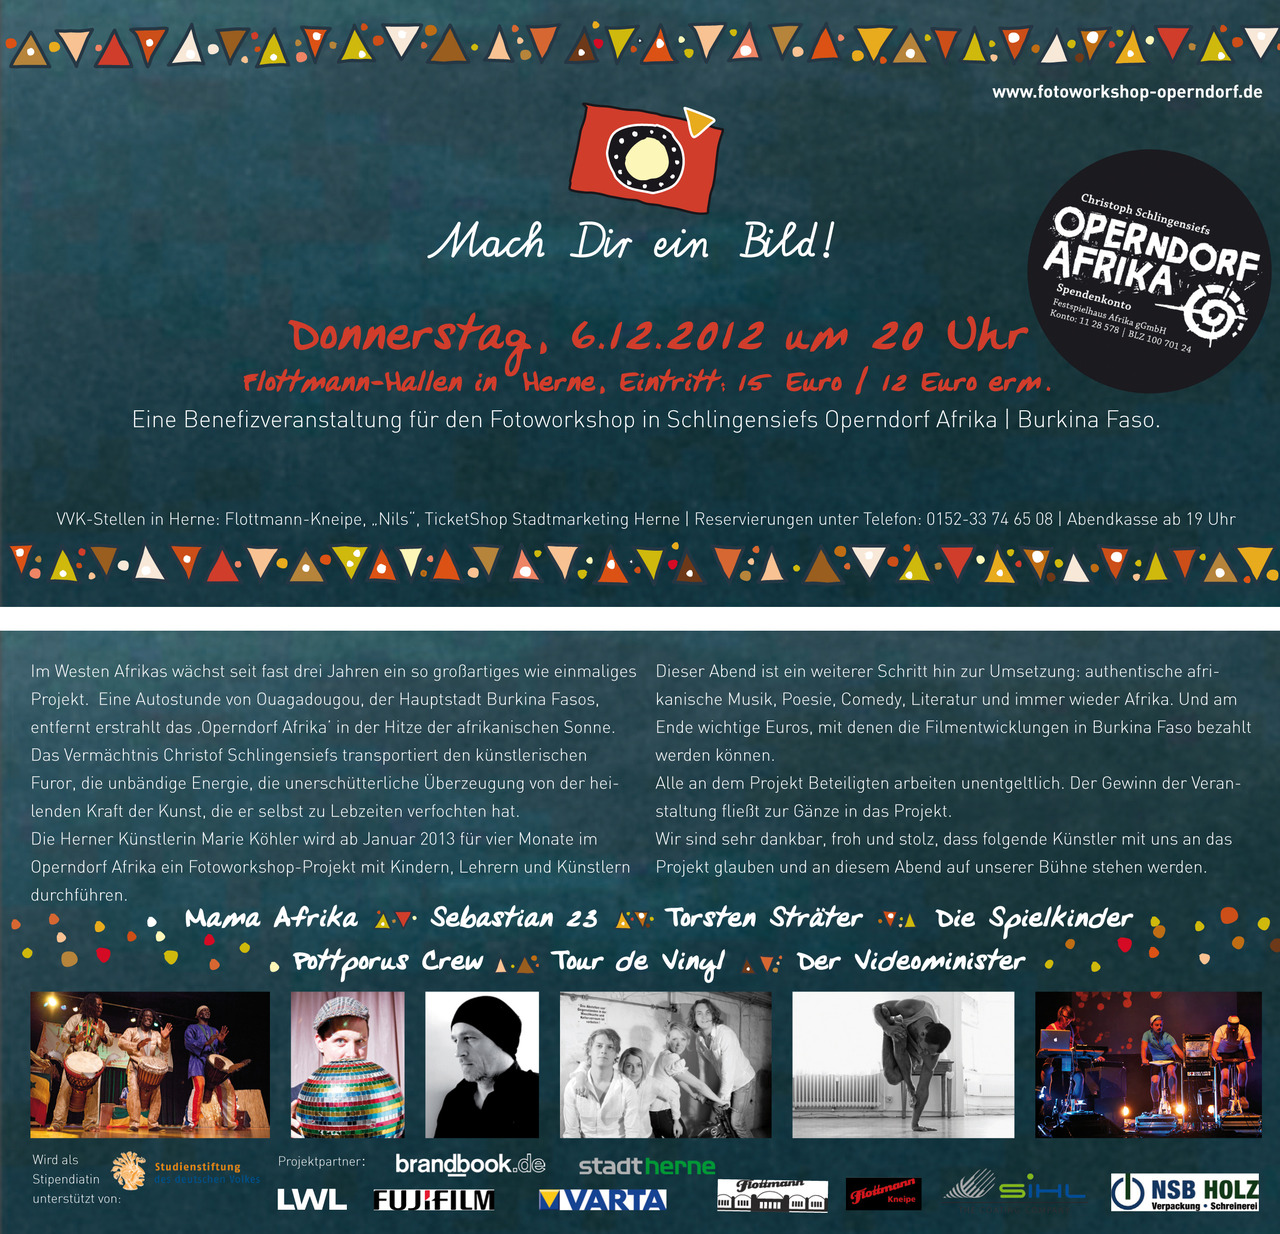 BENFIZVERANSTALTUNG am 6.12.2012 in der Flottmann Hallen in Herne